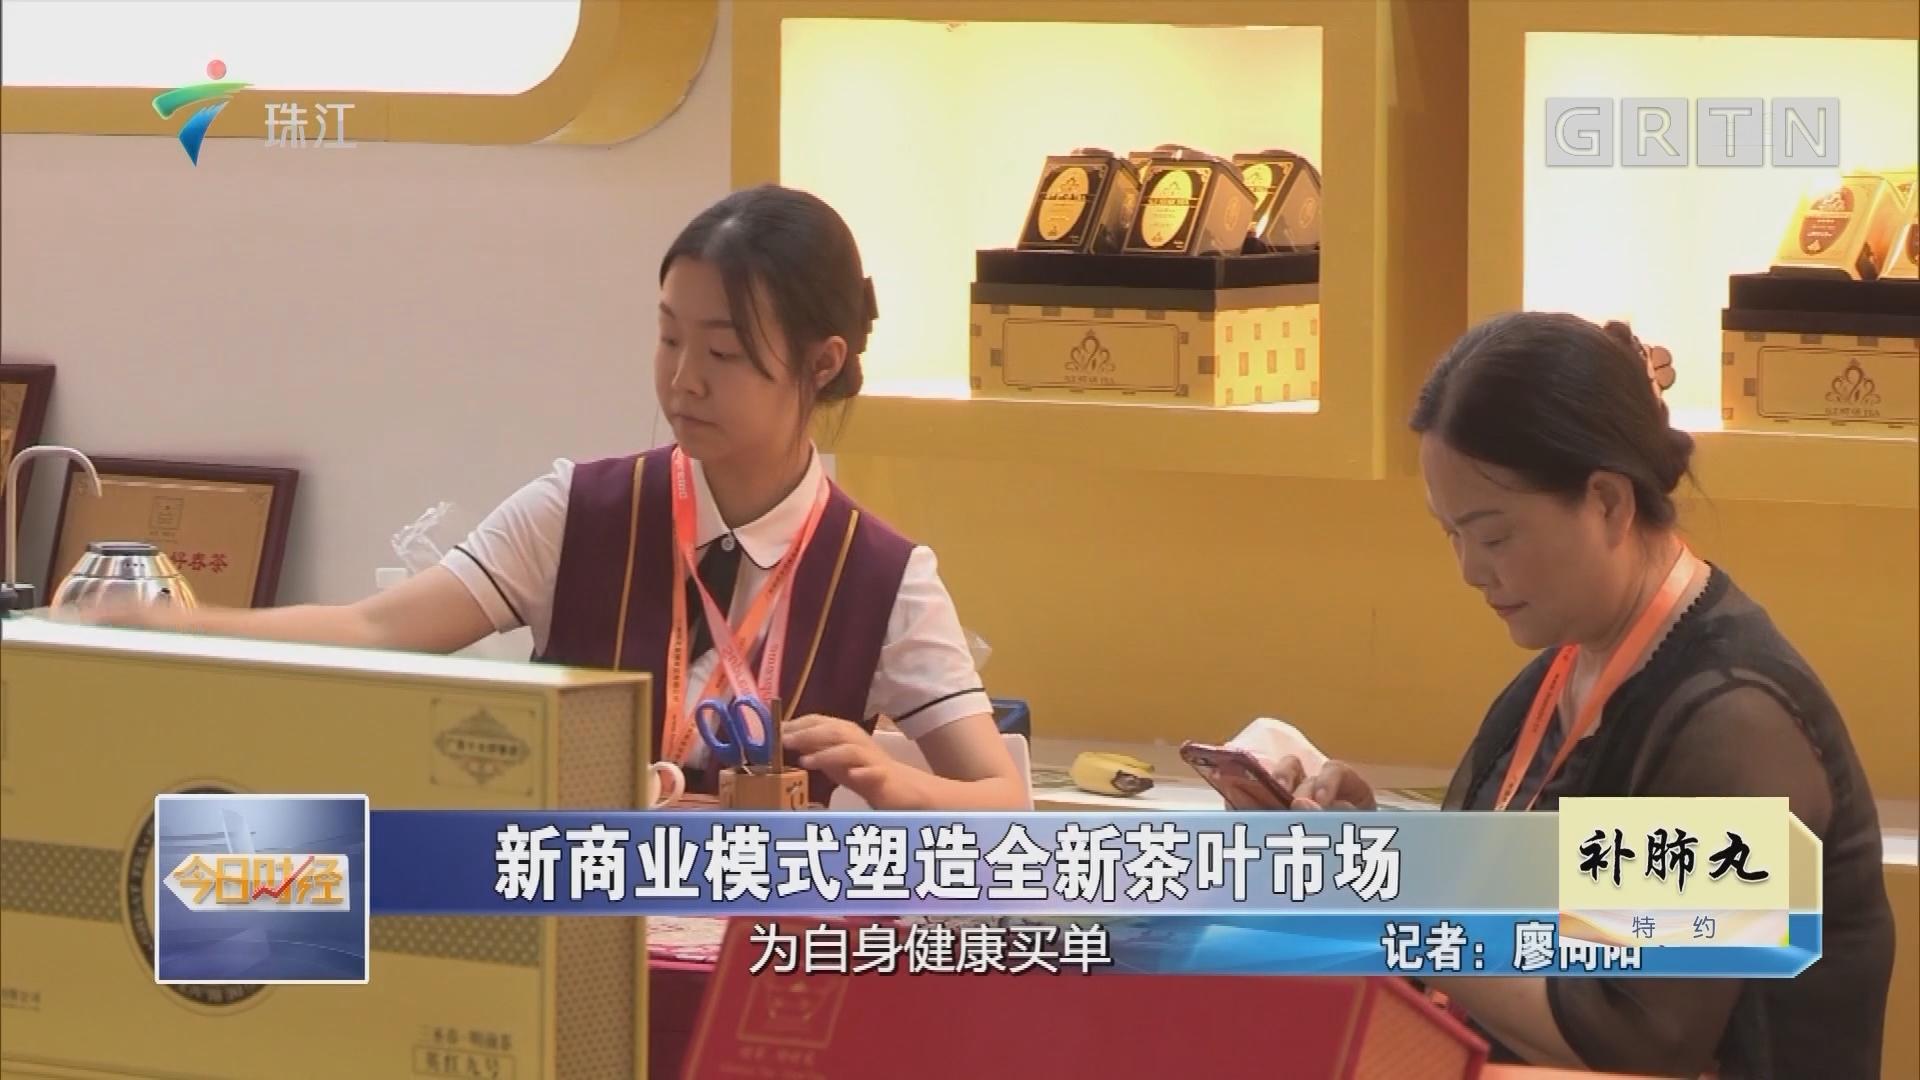 新商业模式塑造全新茶叶市场